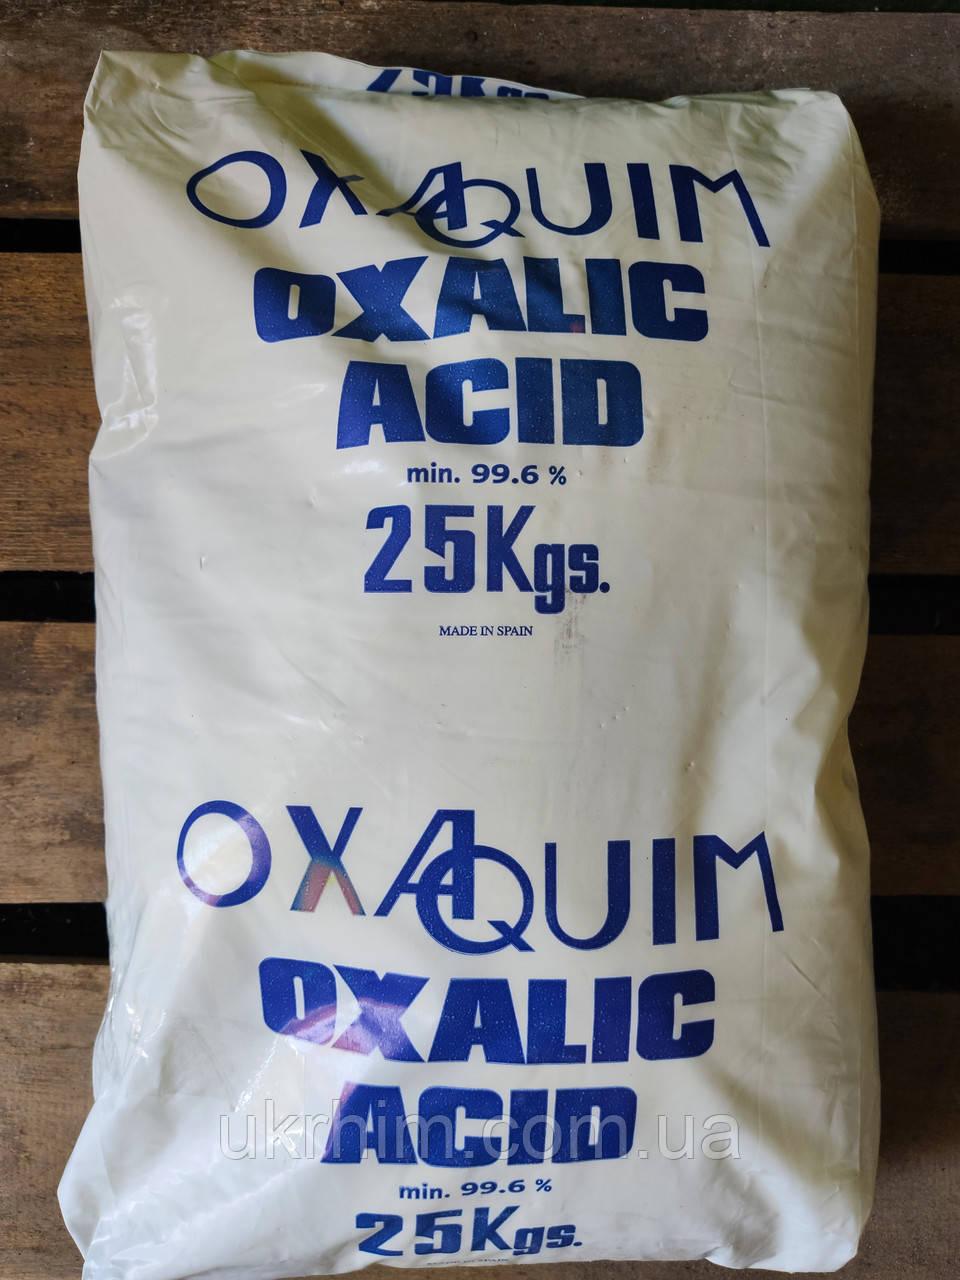 Щавлева кислота від 25 кг.